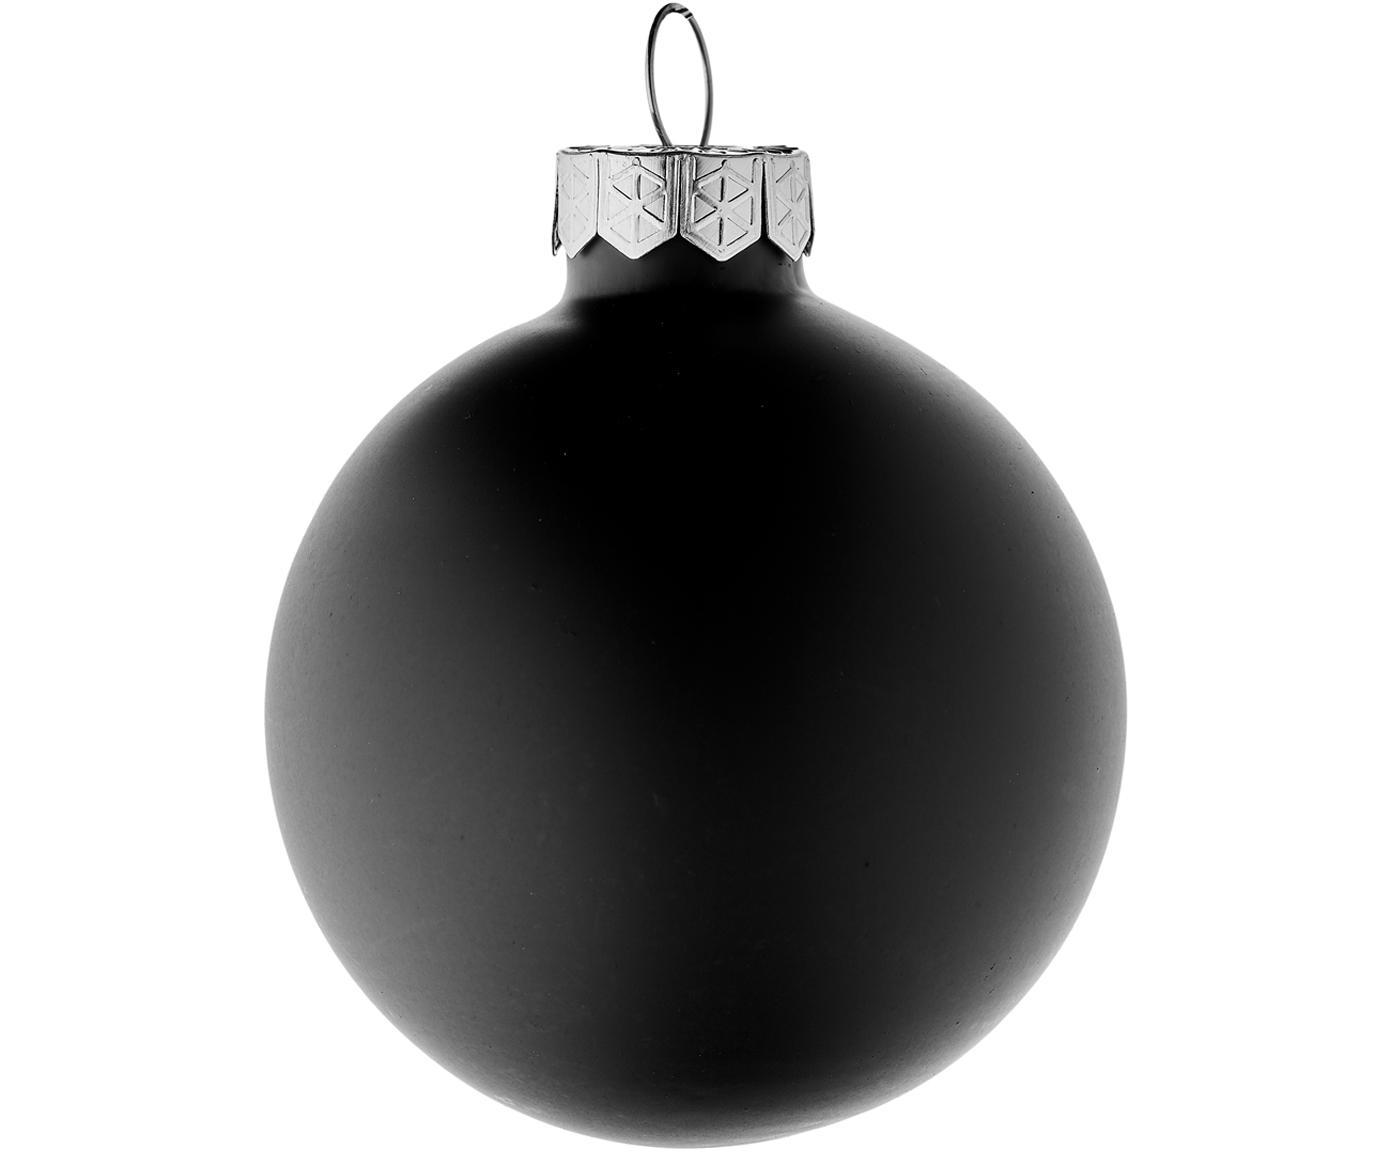 Weihnachtskugel-Set EvergreenØ6cm, 10-tlg., Schwarz, Ø 6 cm